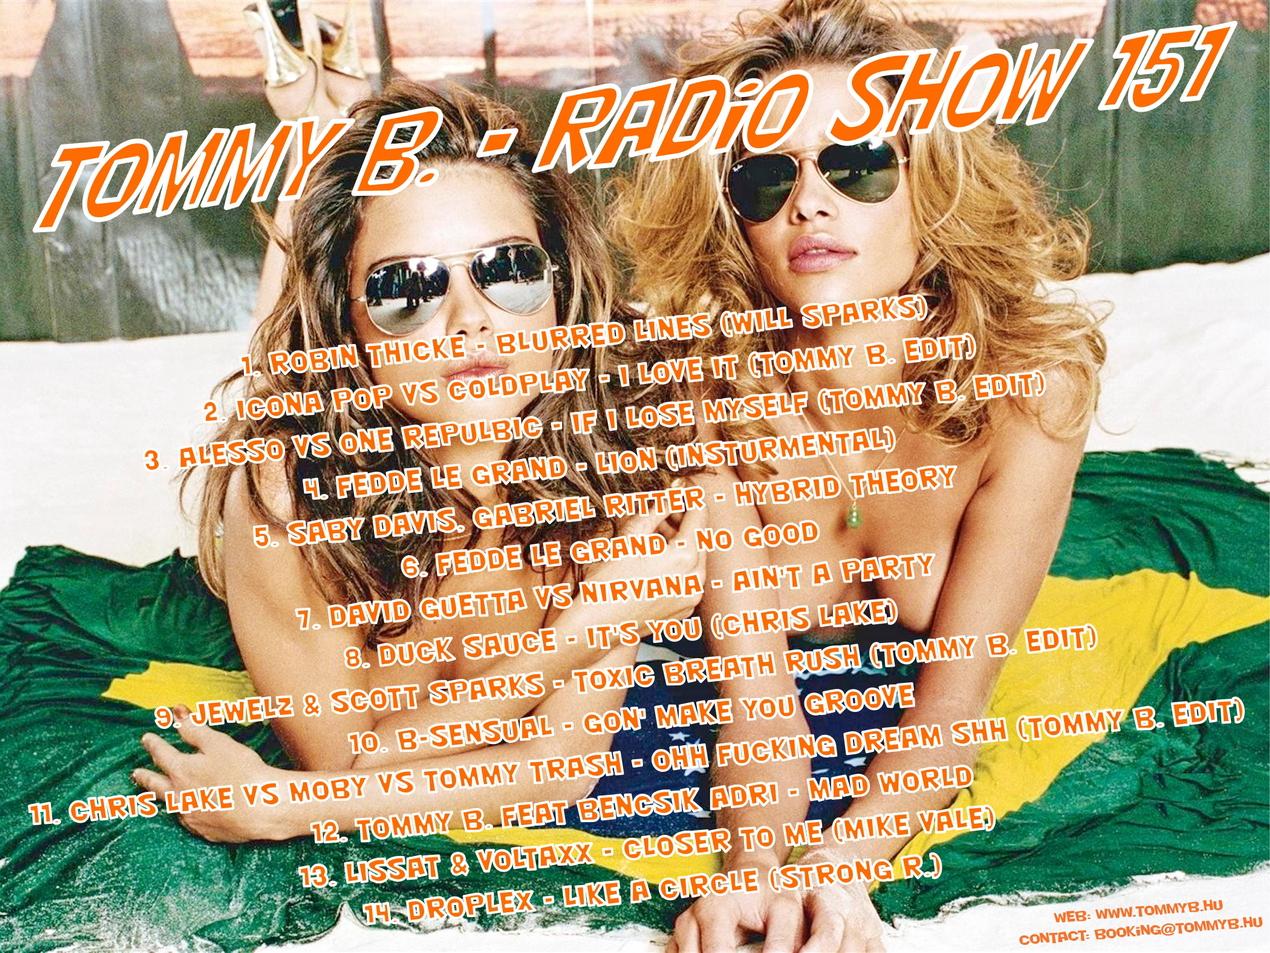 Tommy B. - Radio Show 151 Radio_show_151